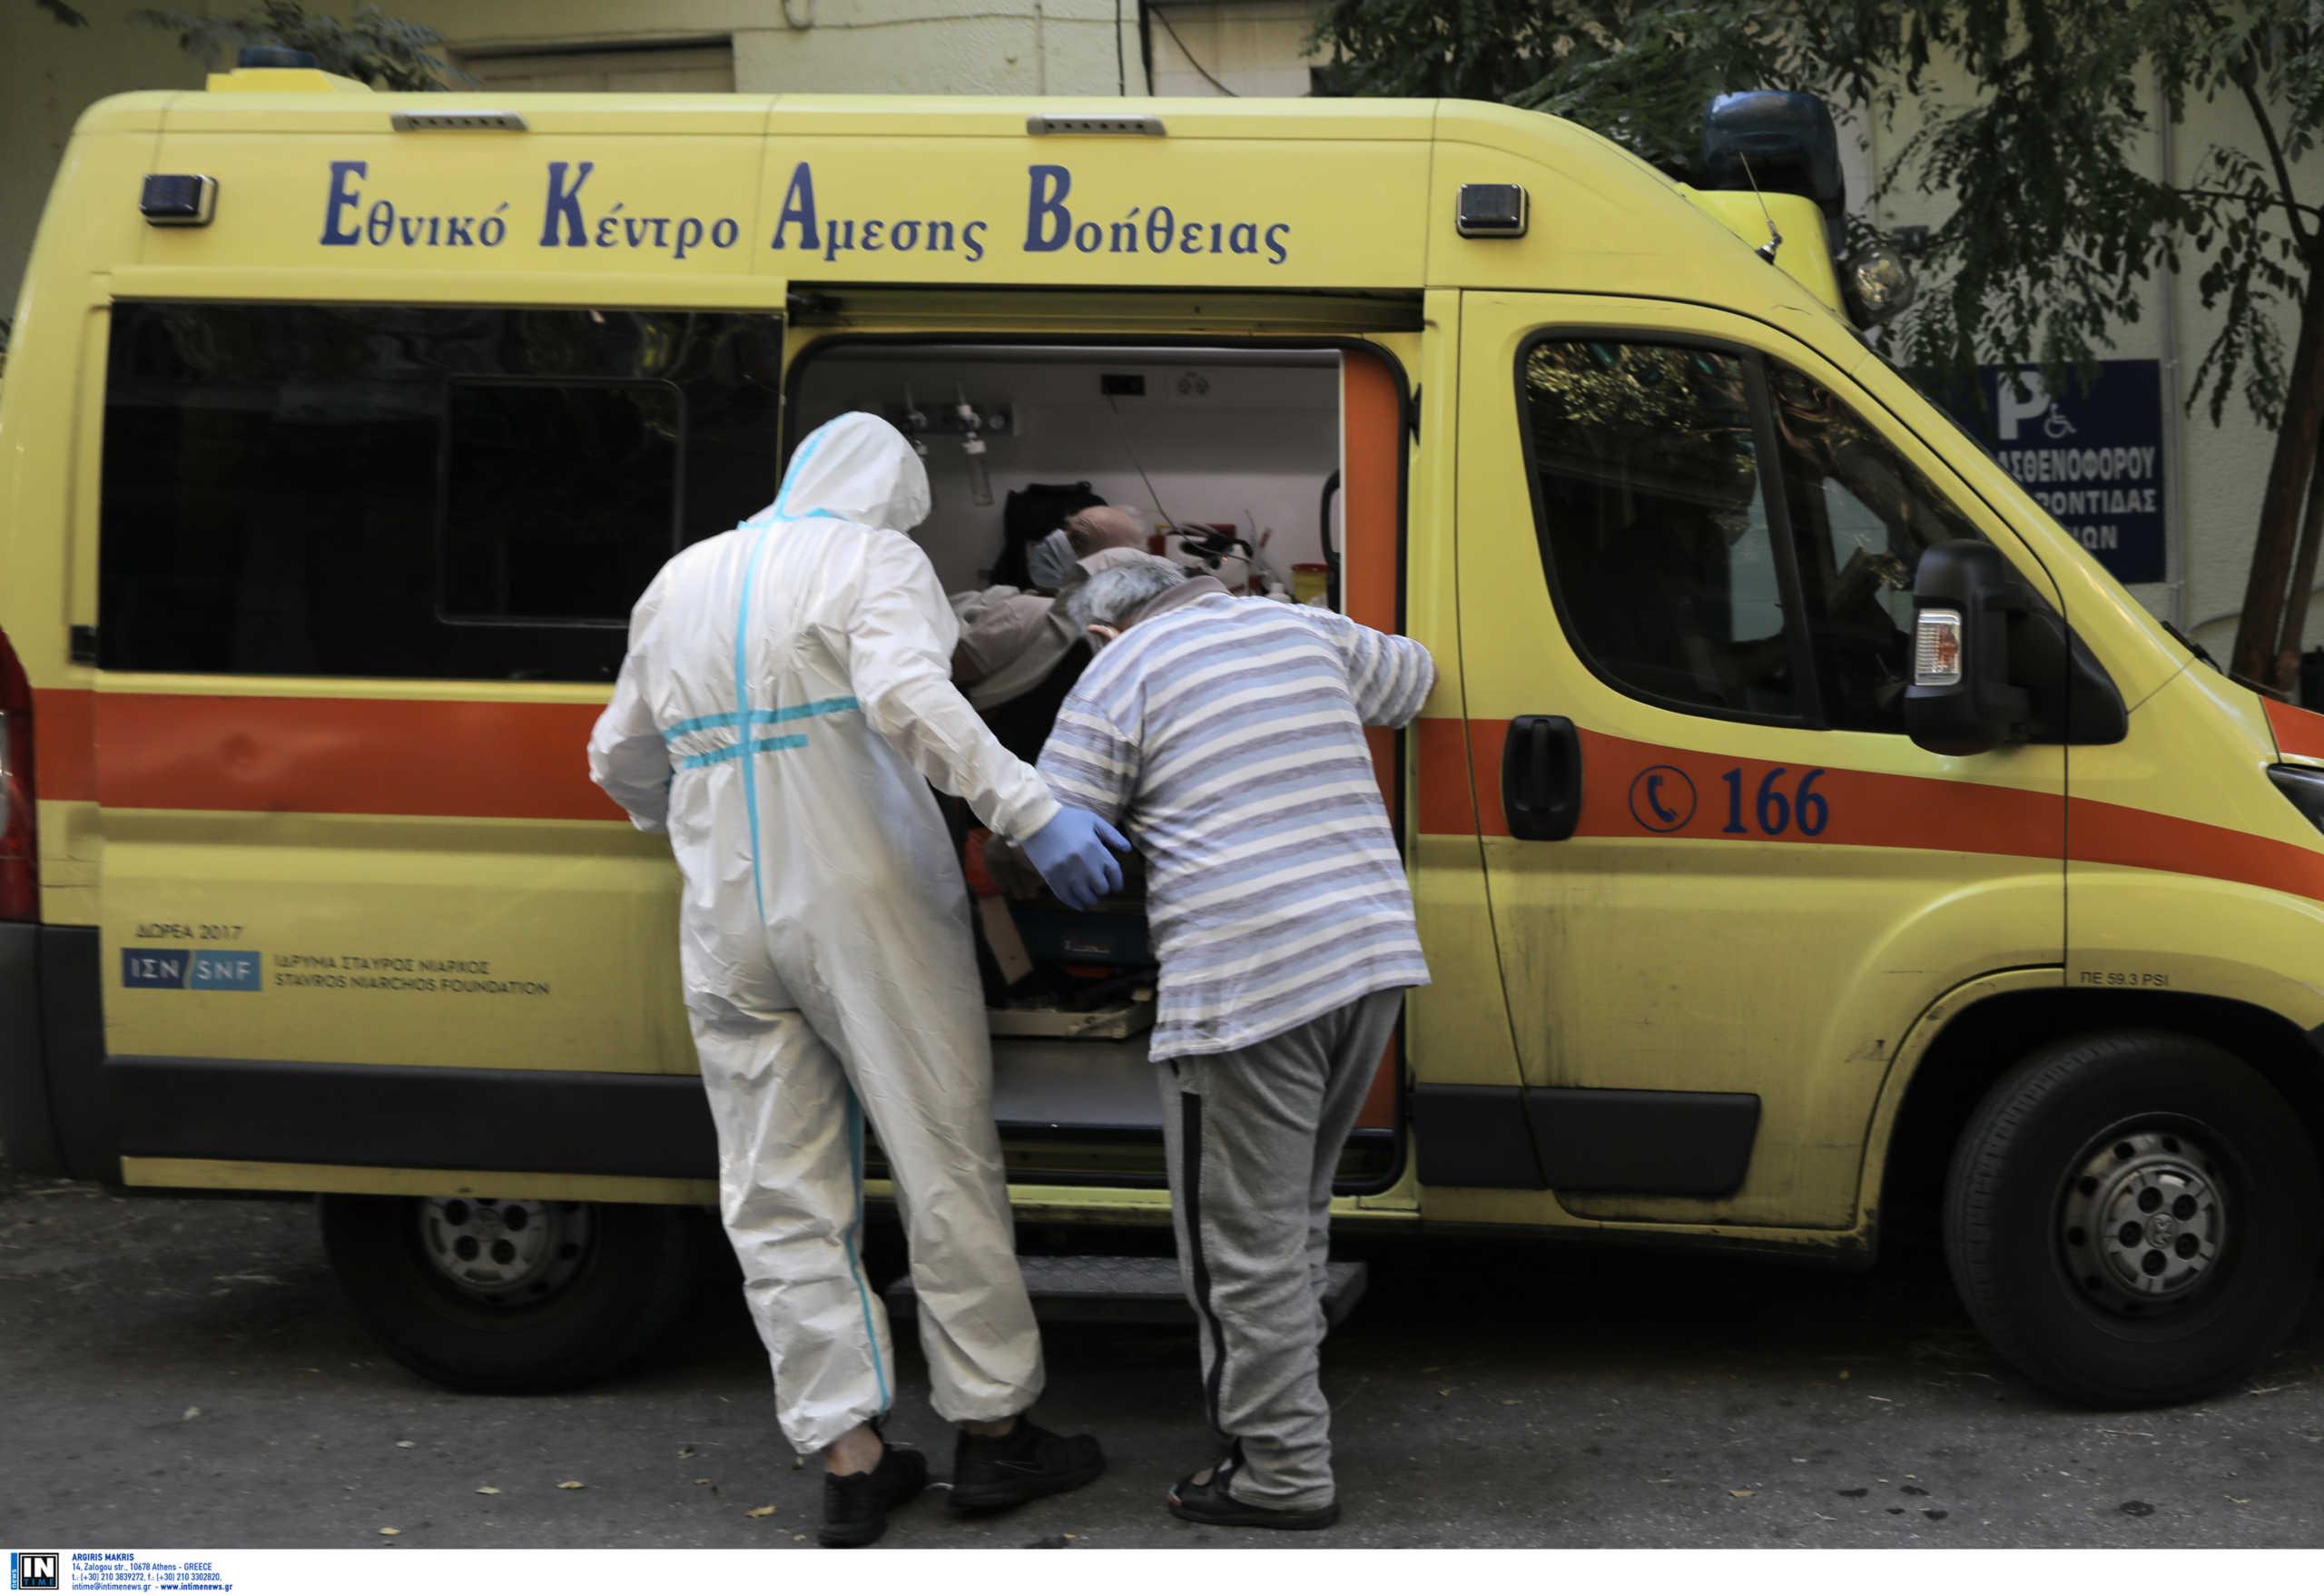 Κορονοϊός: Στο νοσοκομείο Βόλου 11 τρόφιμοι γηροκομείου – 35 κρούσματα στο ίδρυμα